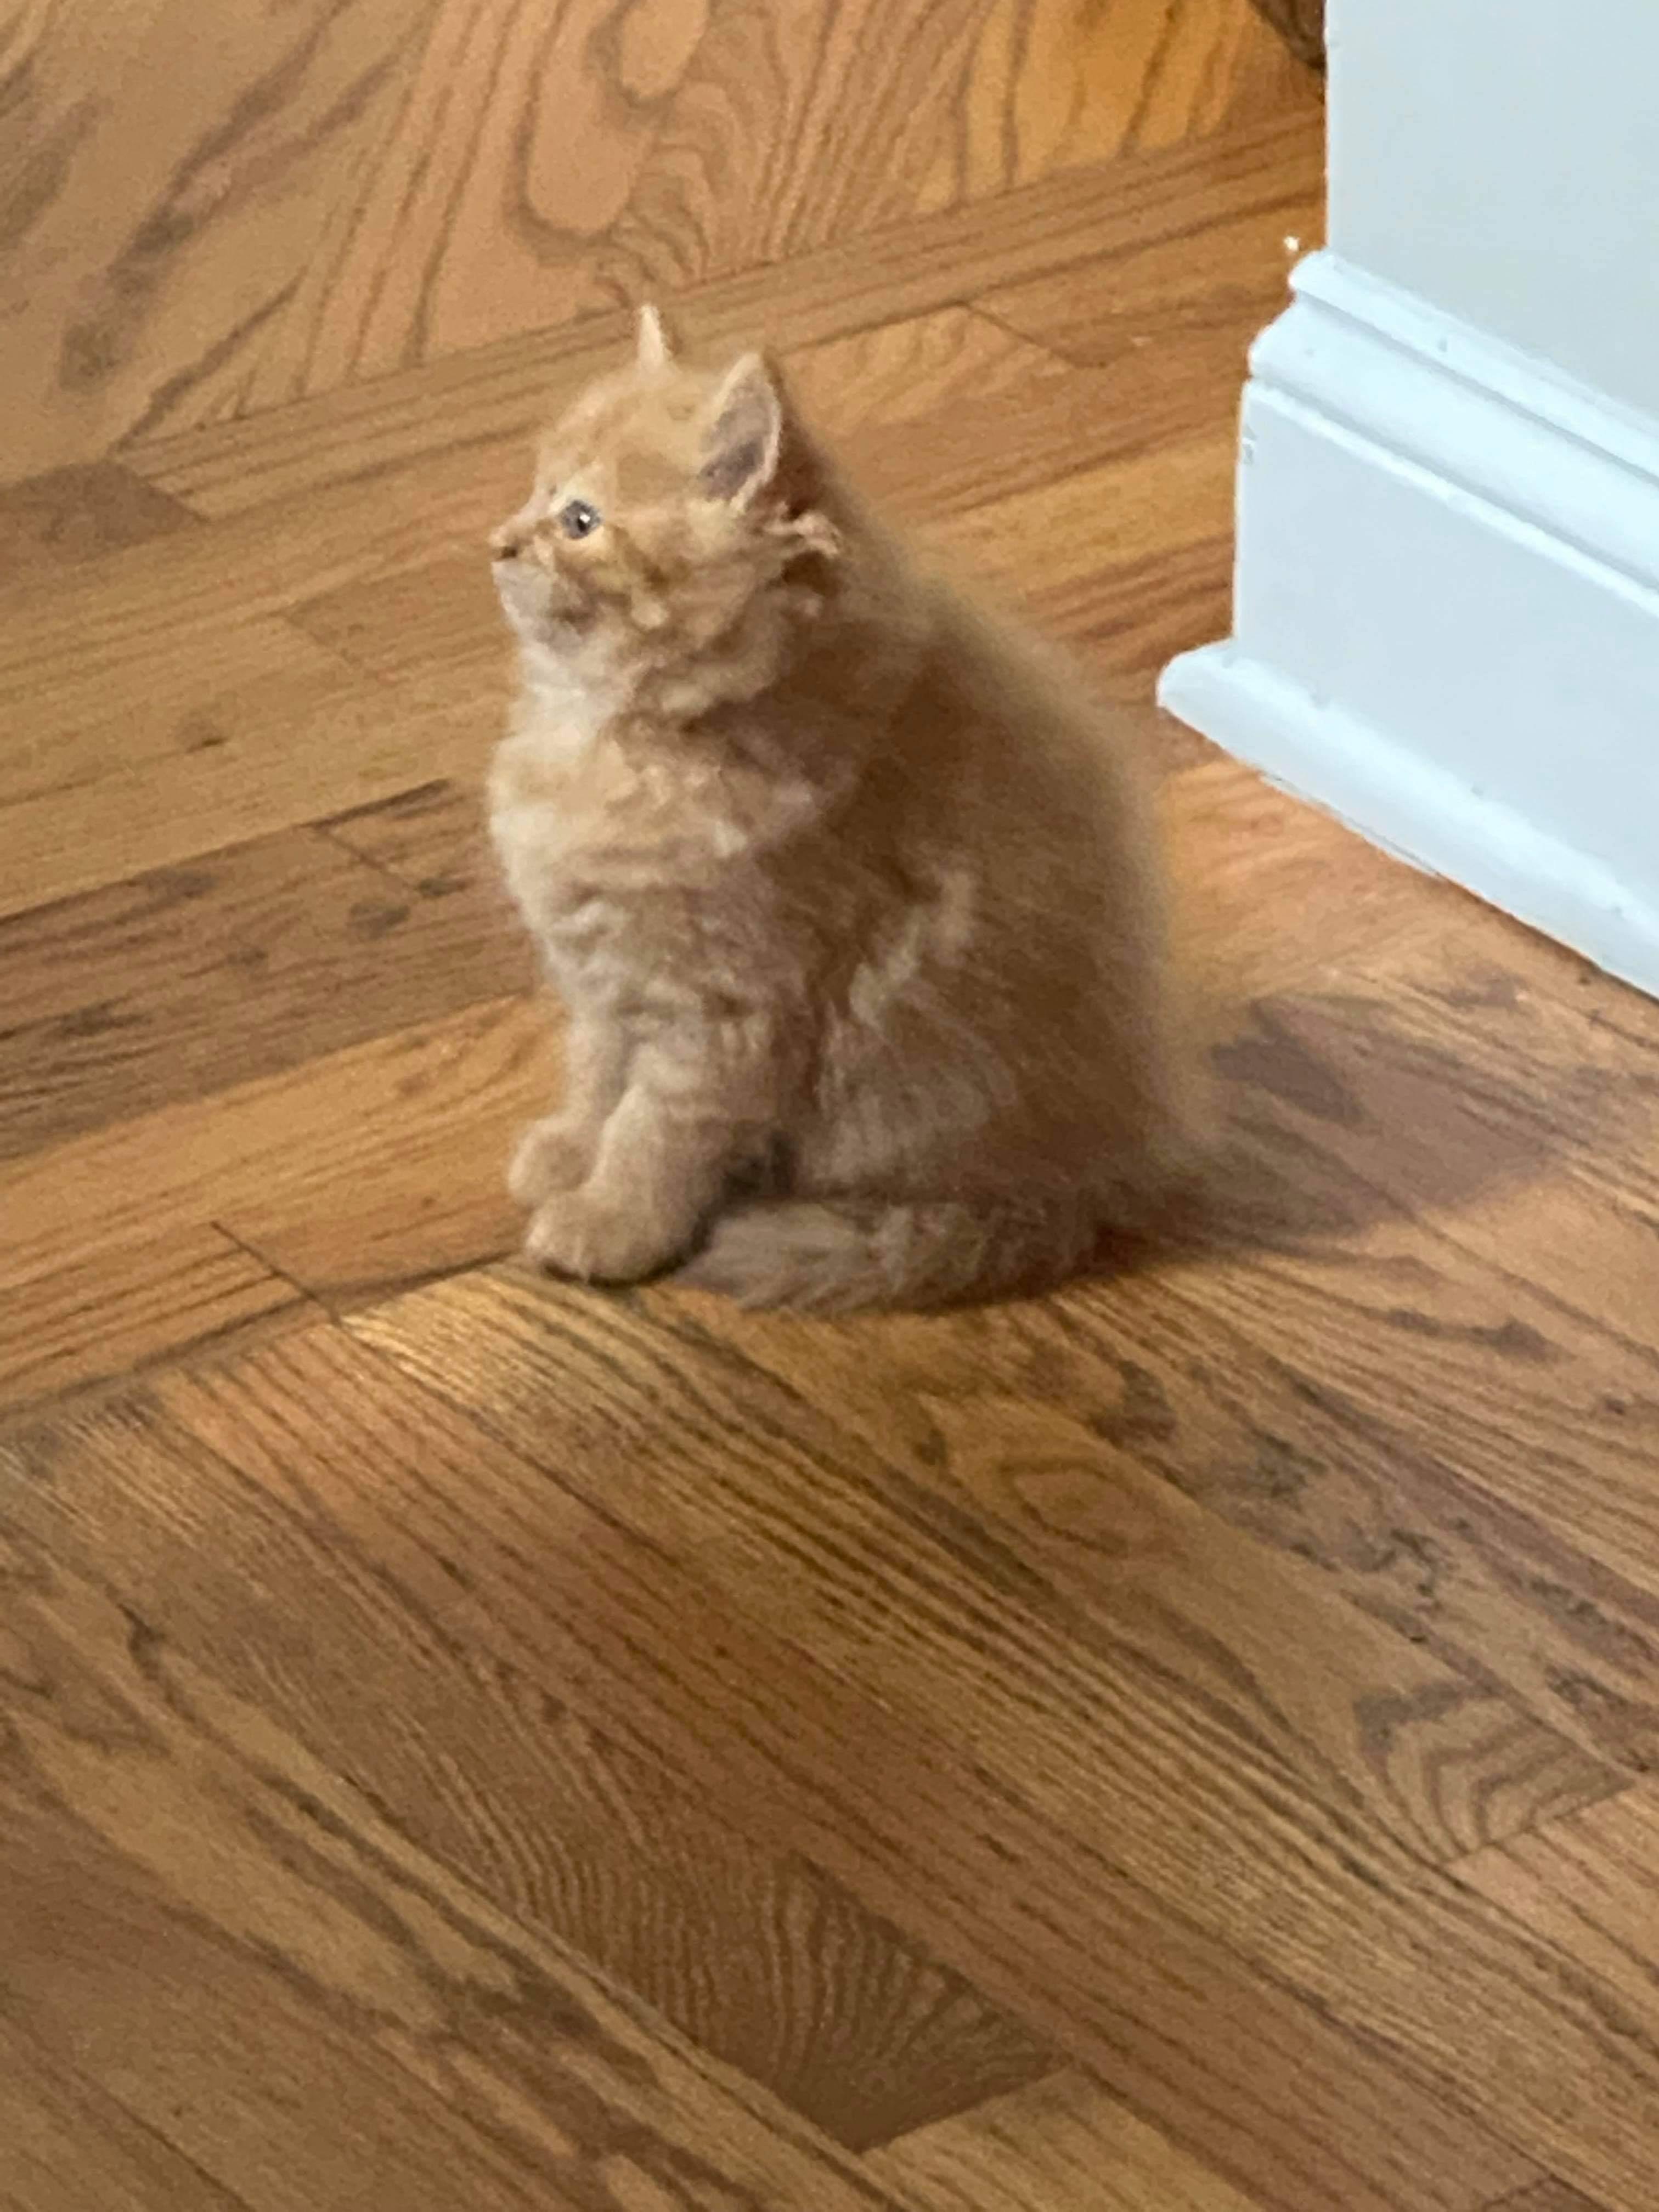 Ogłoszenie darmowe. Lokalizacja:  Trenton. KUPIĘ / SPRZEDAM - Zwierzęta domowe. Kotek Szkocki Długowłosy, 8 tygodni,.